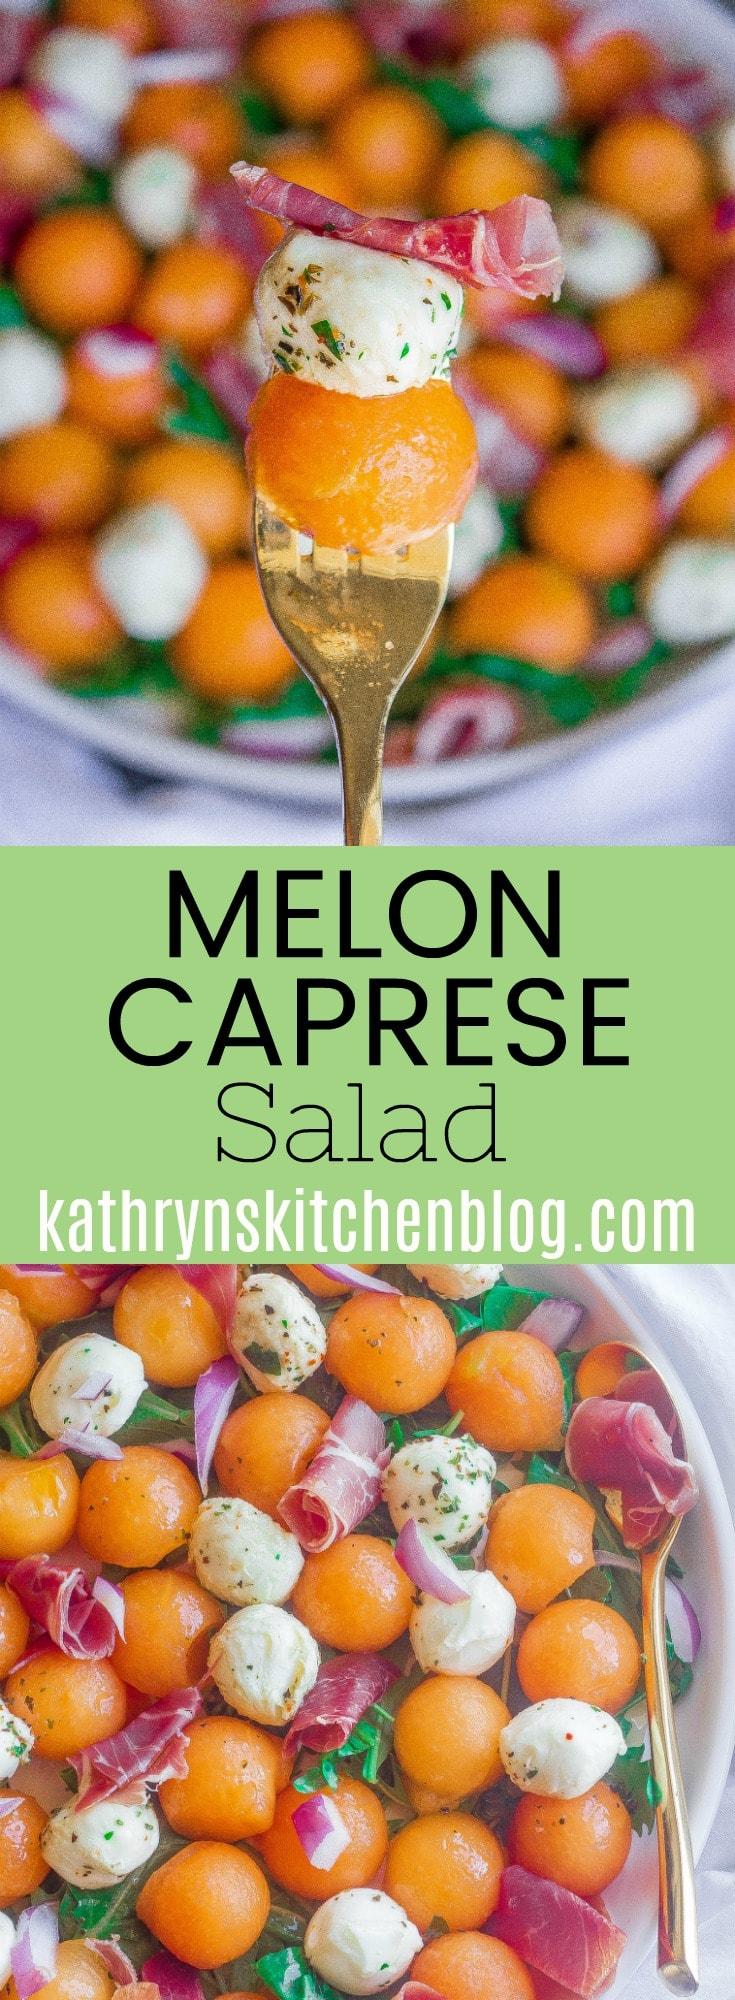 Melon Caprese Salad 3